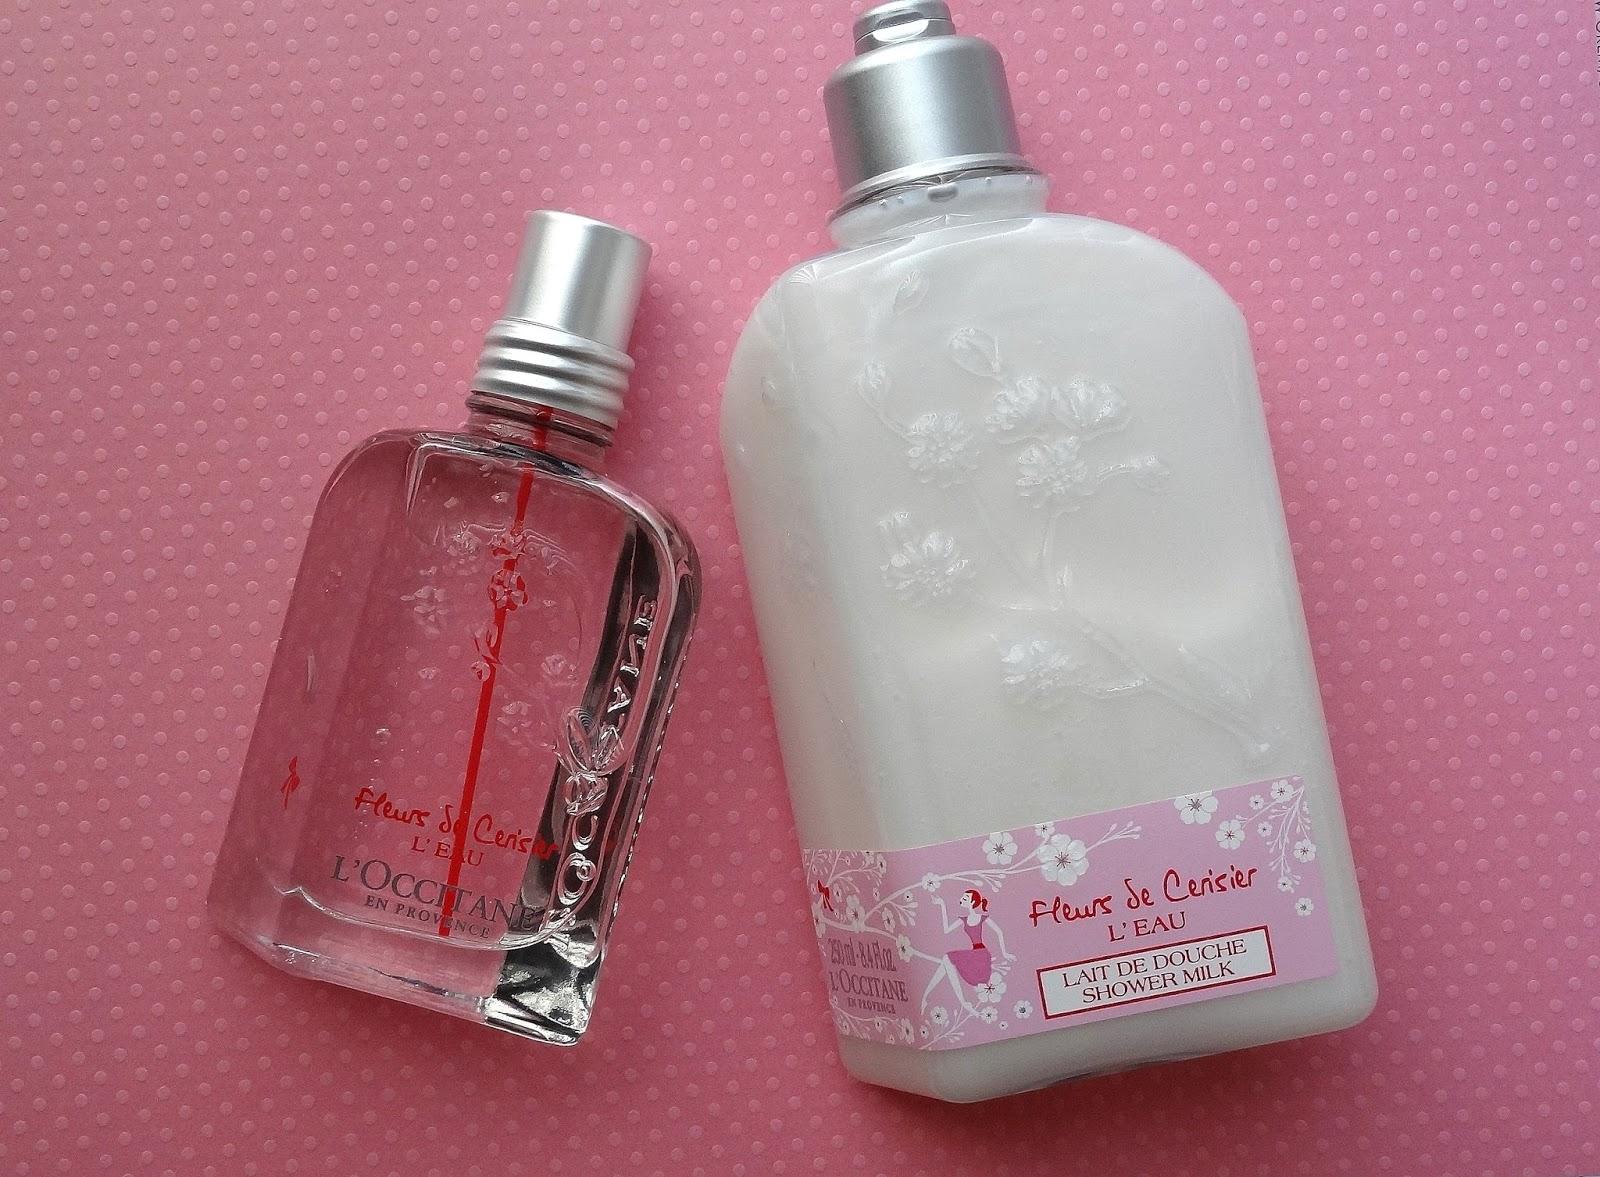 L'Occitane Fleurs de Cerisier L'Eau Collection - Eau de Toilette and Shower Milk